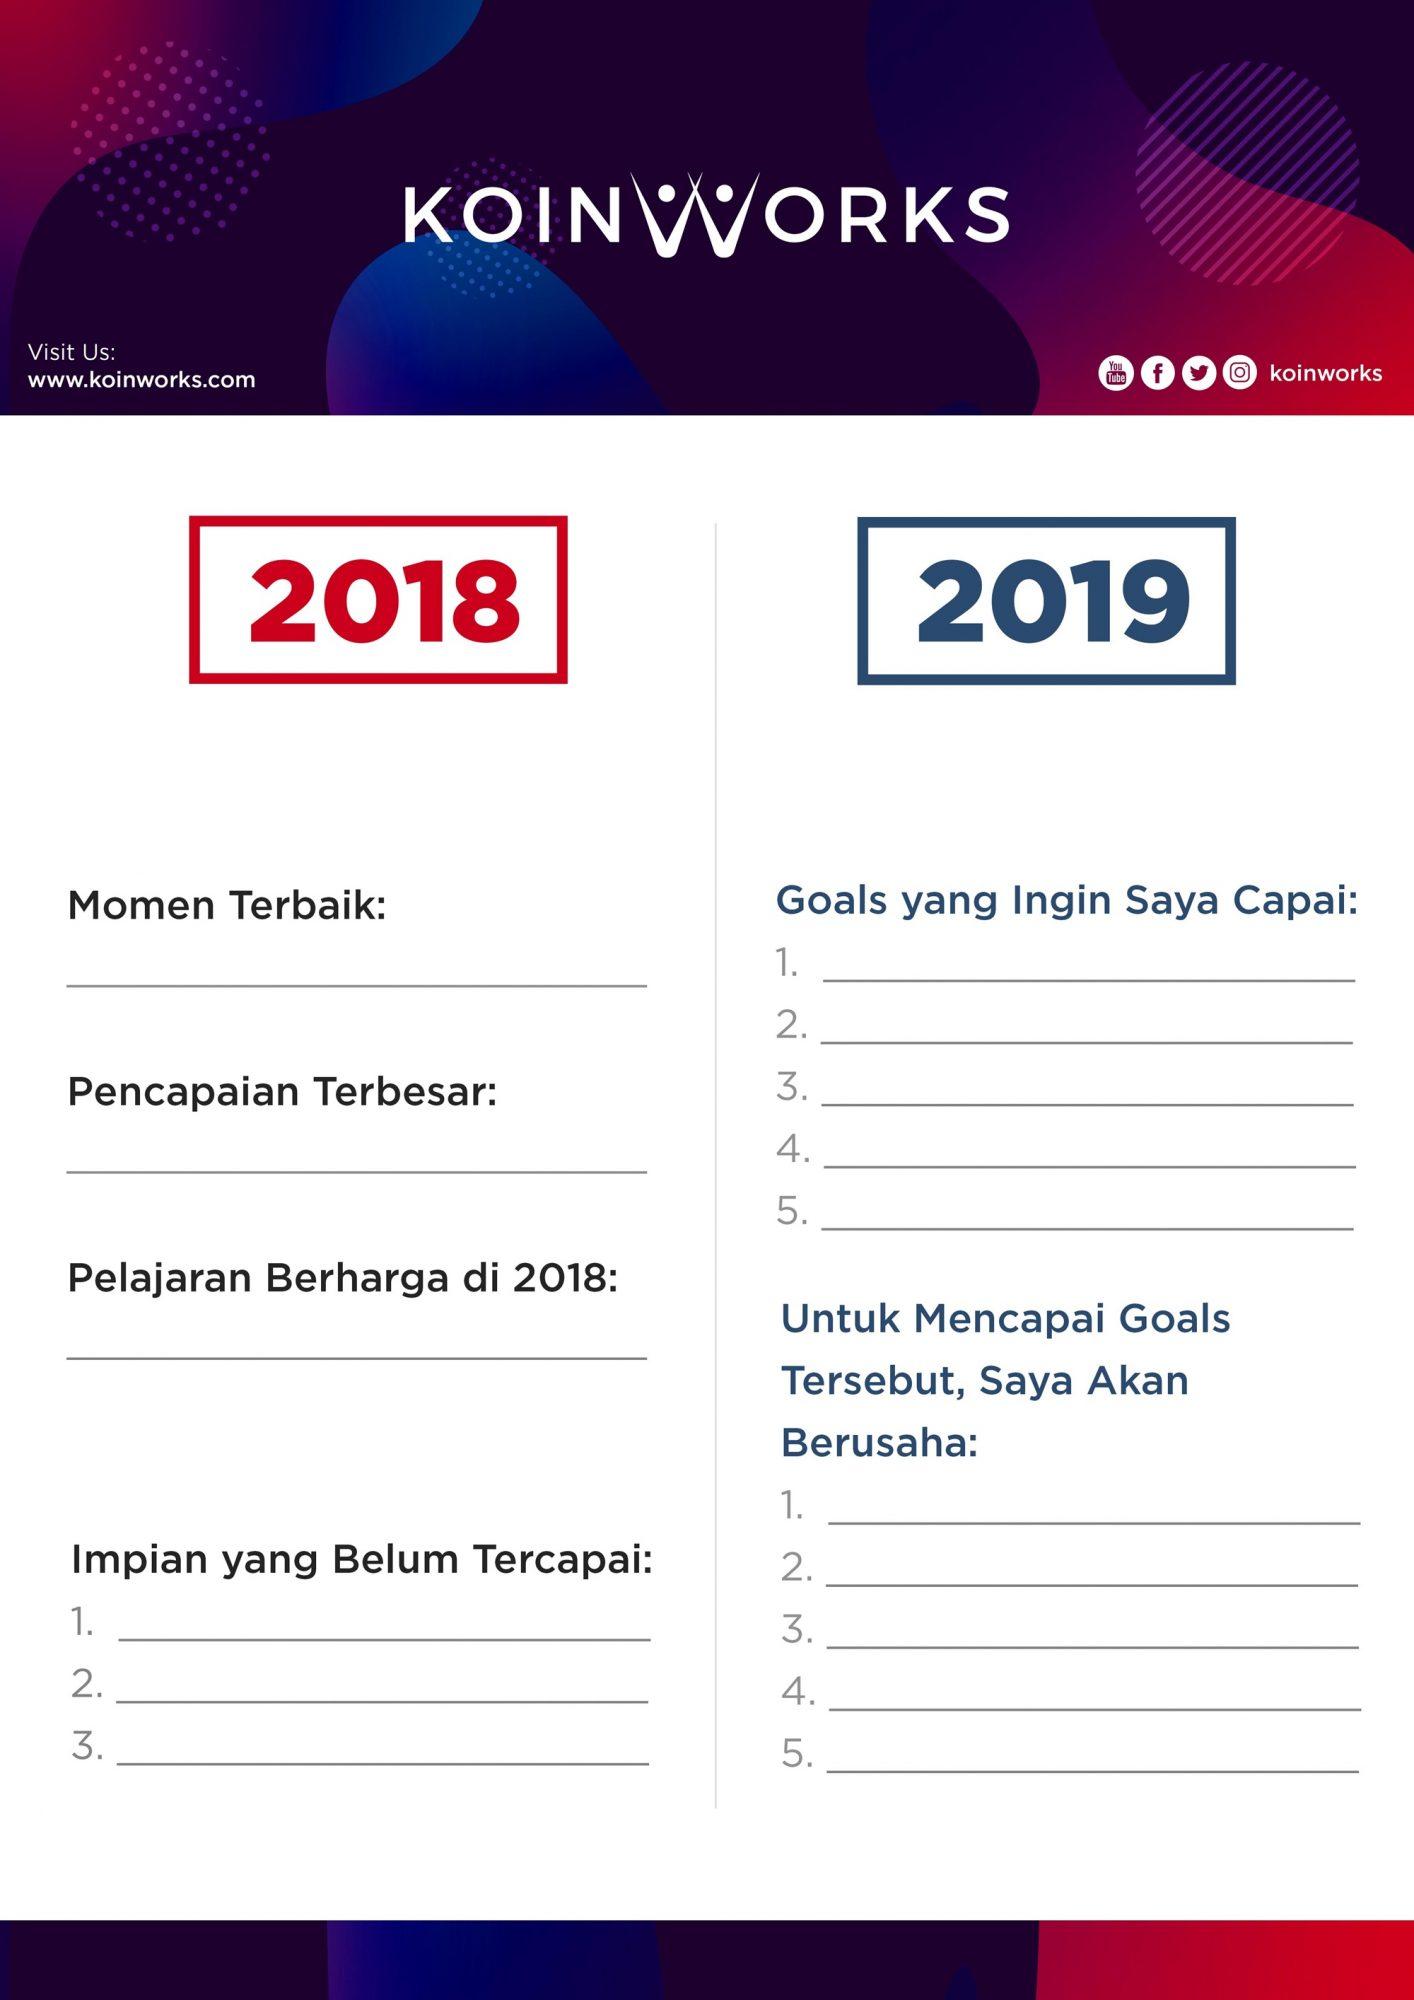 Download Kalender 2019 Indonesia Dan Persiapkan Tahun Depan Lebih Baik